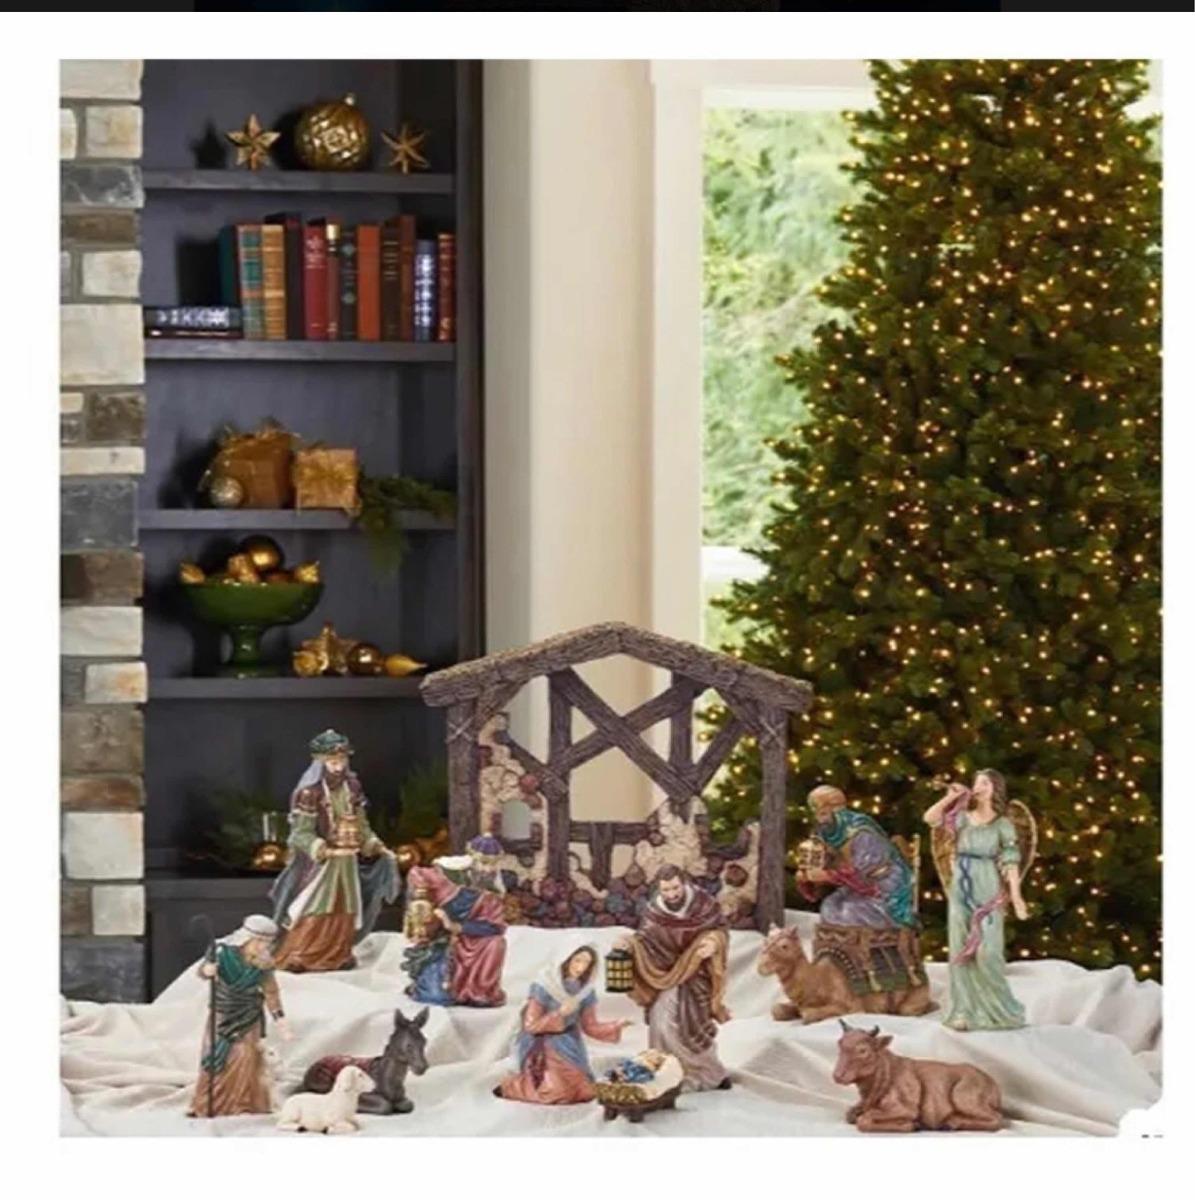 c68d8bacd0e Set nacimiento navideño piezas pintado a mano elegante cargando zoom jpg  1195x1200 Imagenes de nacimiento navideno